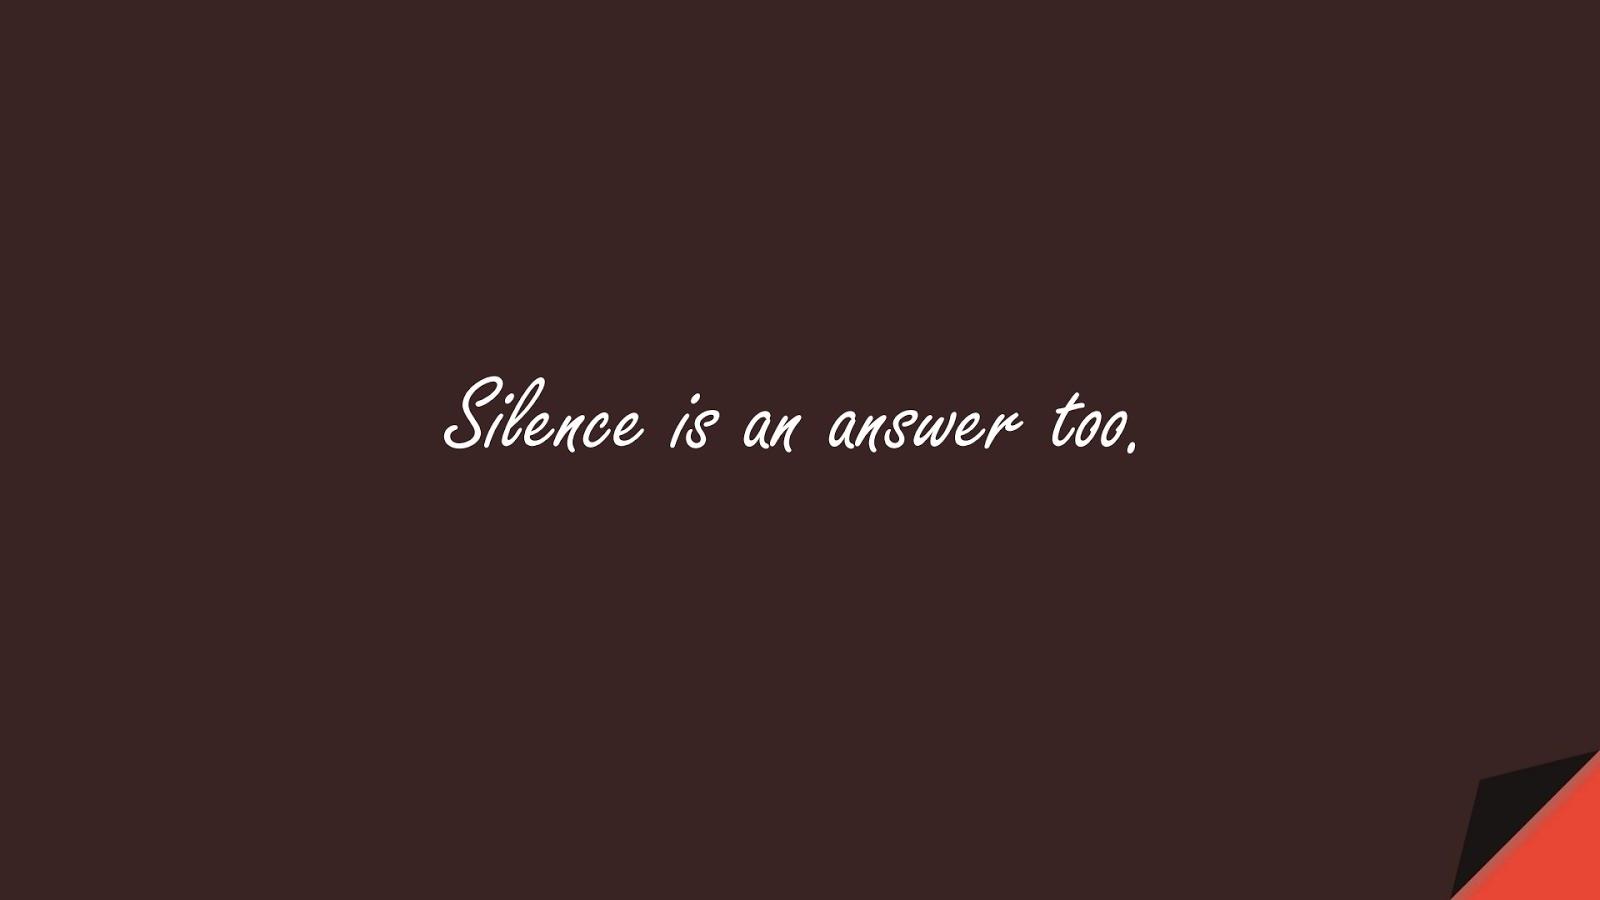 Silence is an answer too.FALSE